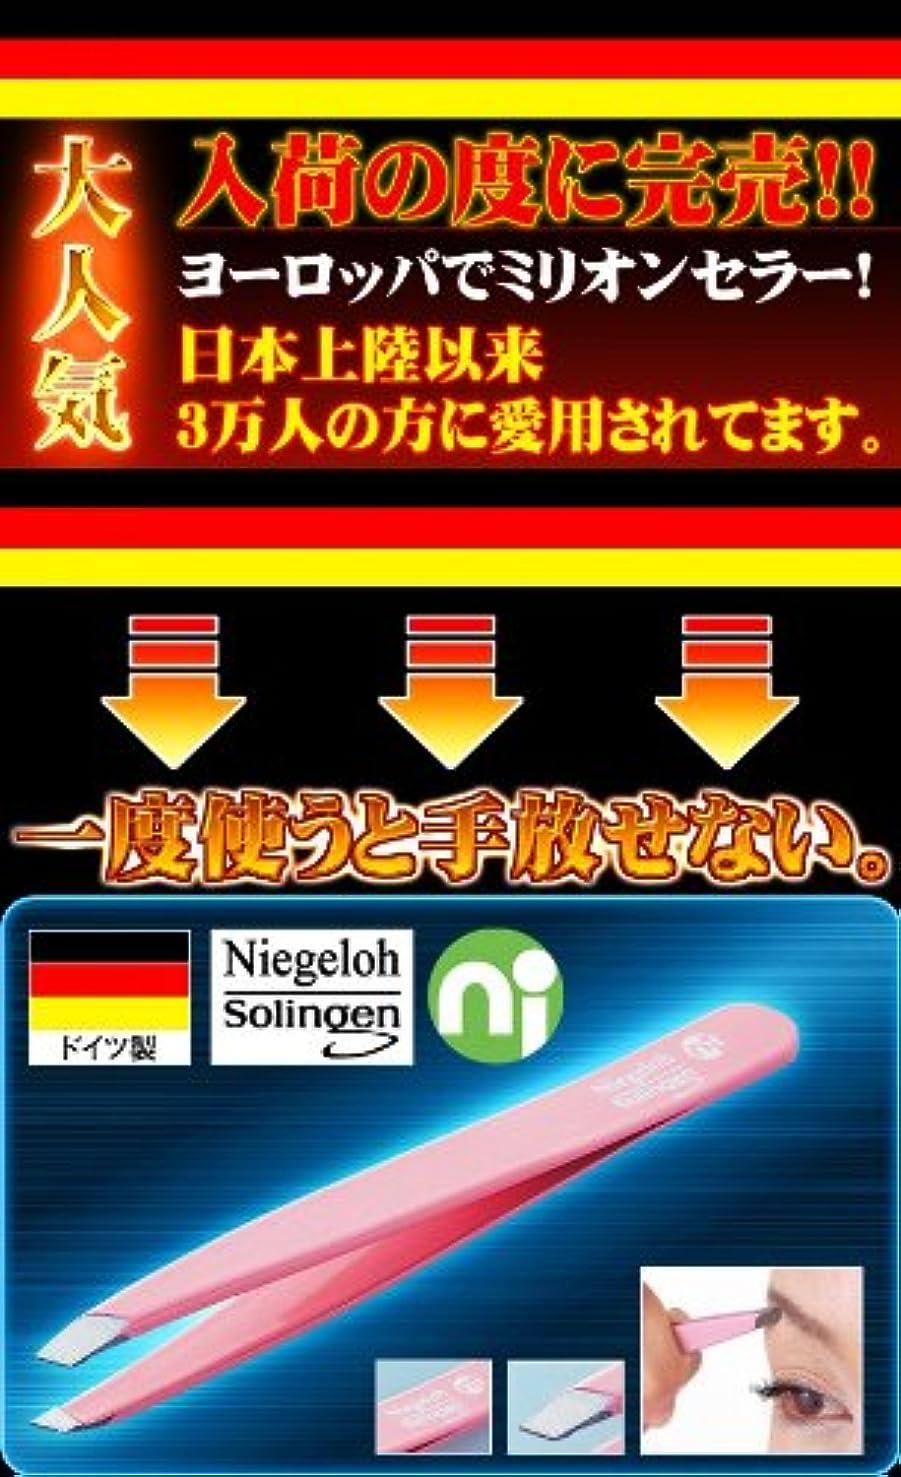 つらいうがい個人的にドイツ ゾーリンゲンNiegeloh(ニゲロ社)のツイザー